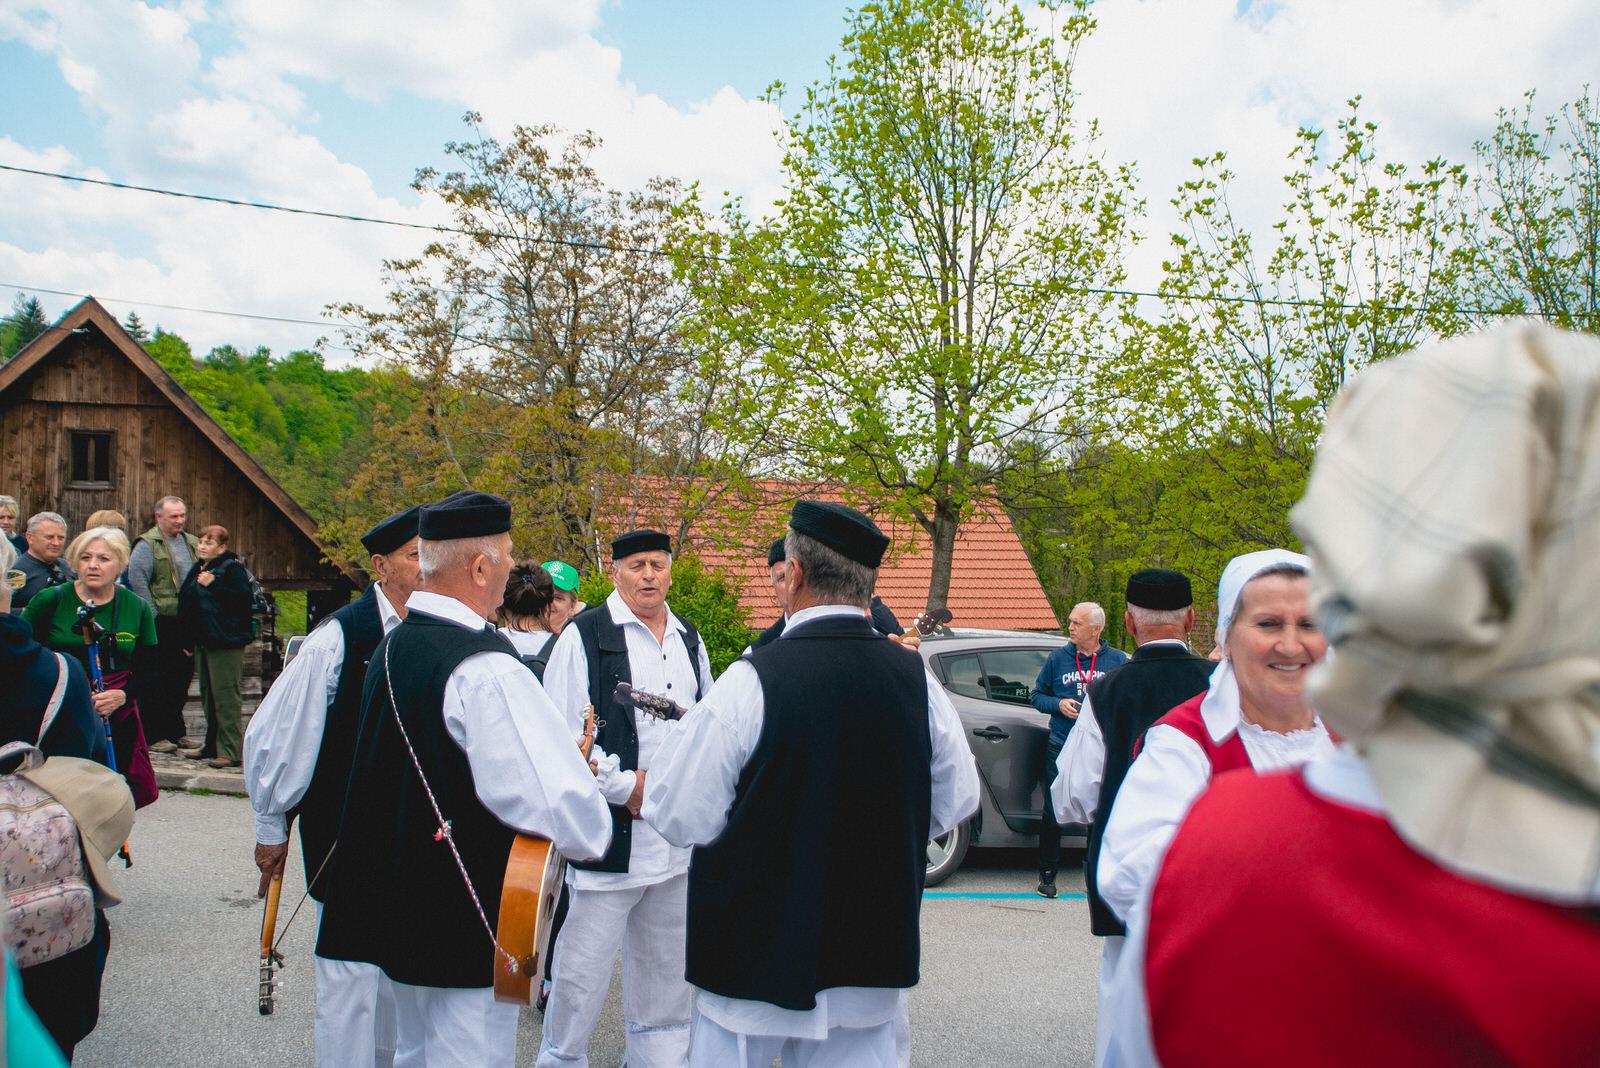 likaclub_slunj_rastoke_5-festival-nordijskog-hodanja_2019-99